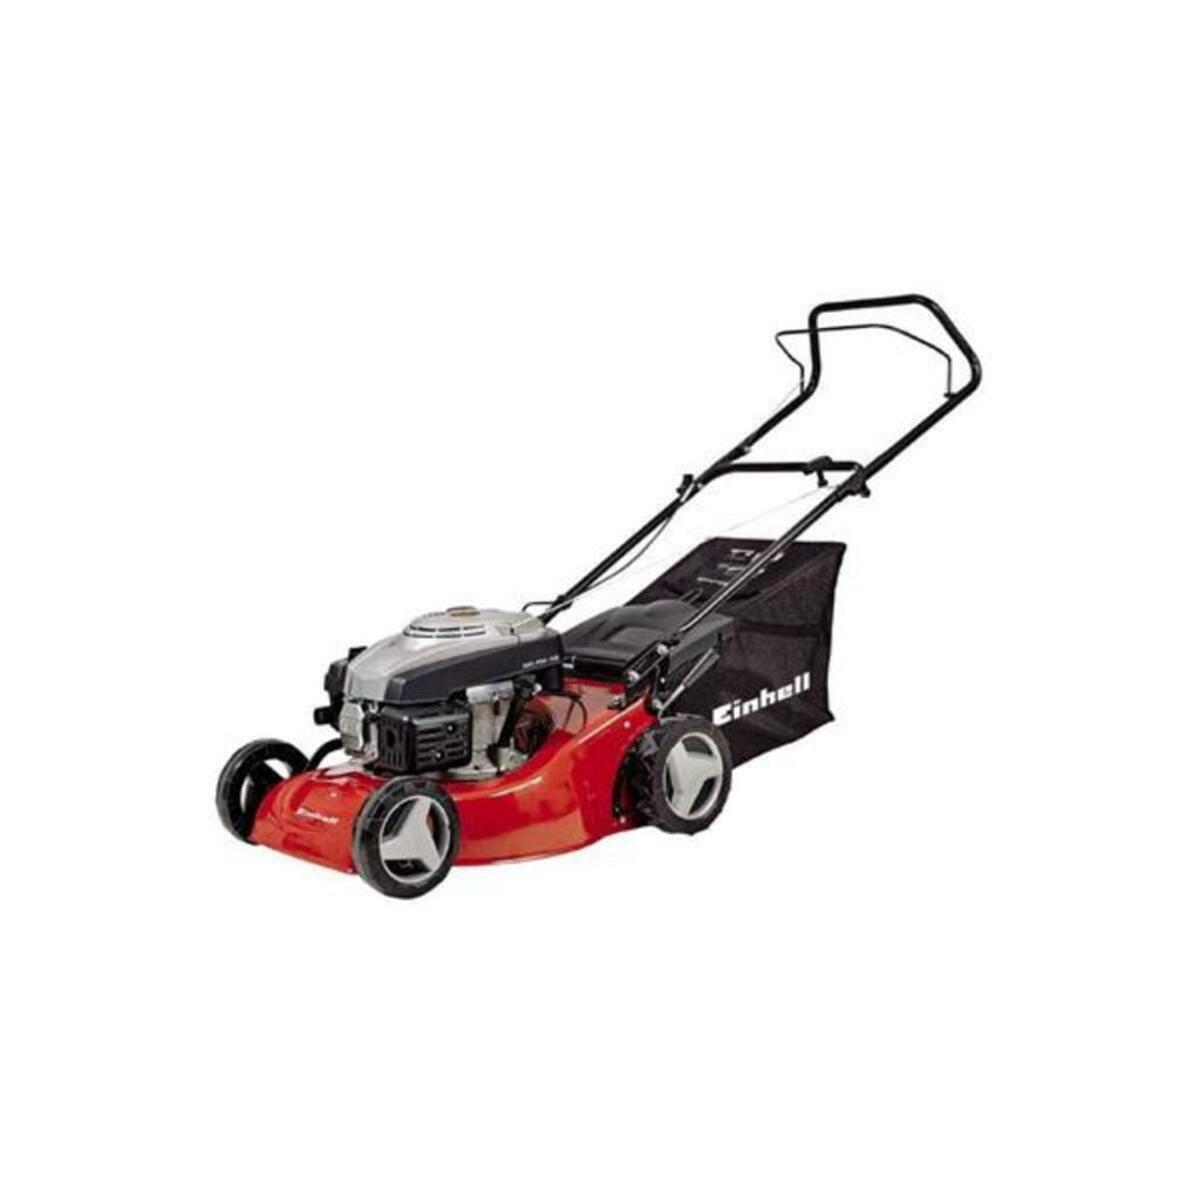 Bild 2 von Einhell Benzin Rasenmäher GC-PM 46, Leistung 1,9 kW, 1 Zylinder, 4-Takt-Motor, Schnittbreite 46 cm, Schnitthöhenverstellung zentral,  9 Stufen, 30-80 mm, Fangsackvolumen 50 Liter, 3404730